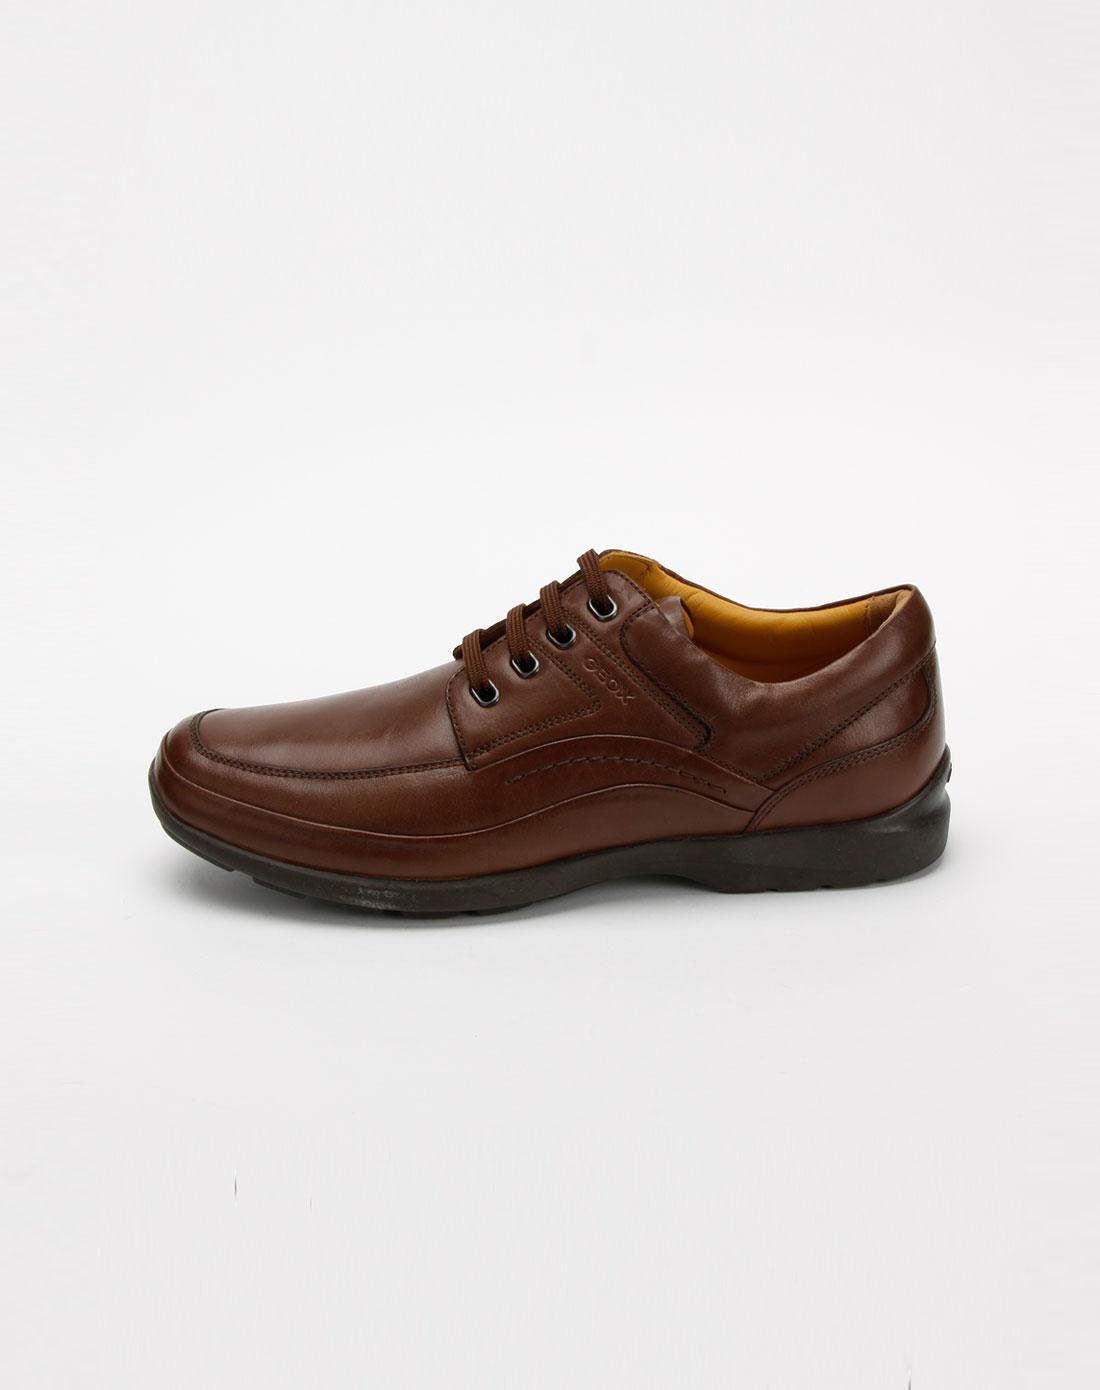 健乐士geox男款棕色油蜡牛皮鞋